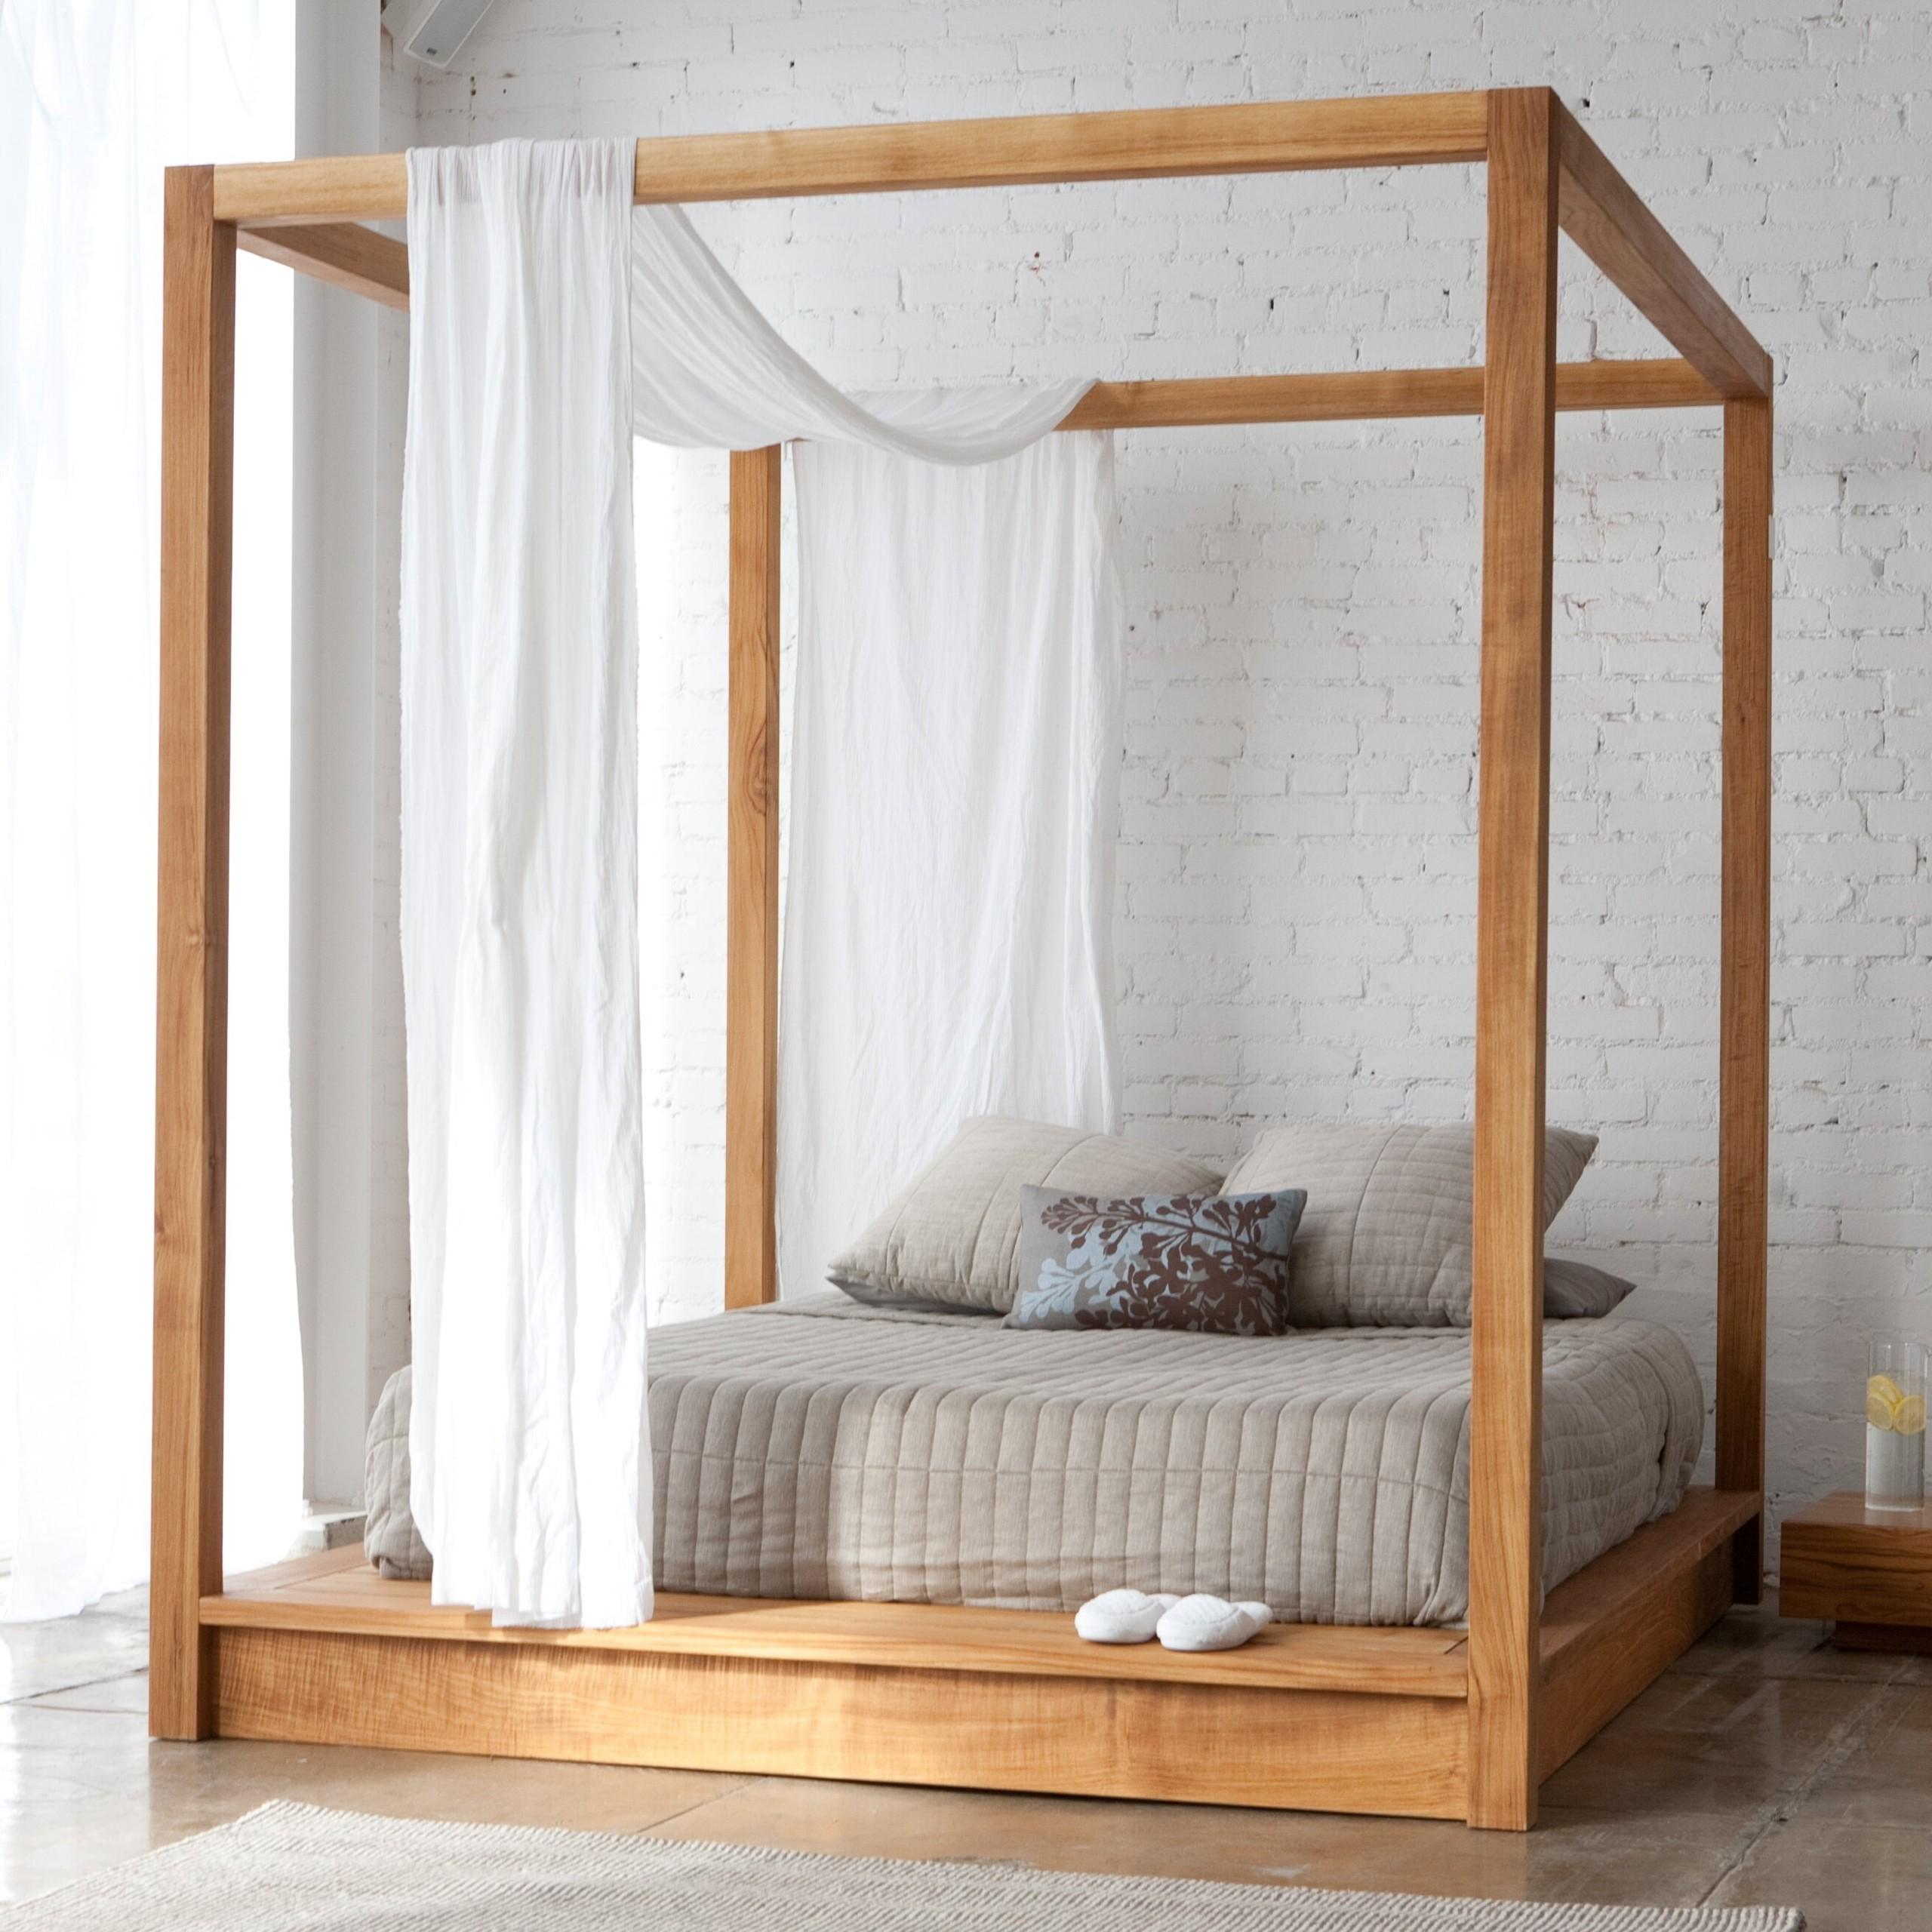 Exceptionnel Diy Wood Platform Bed